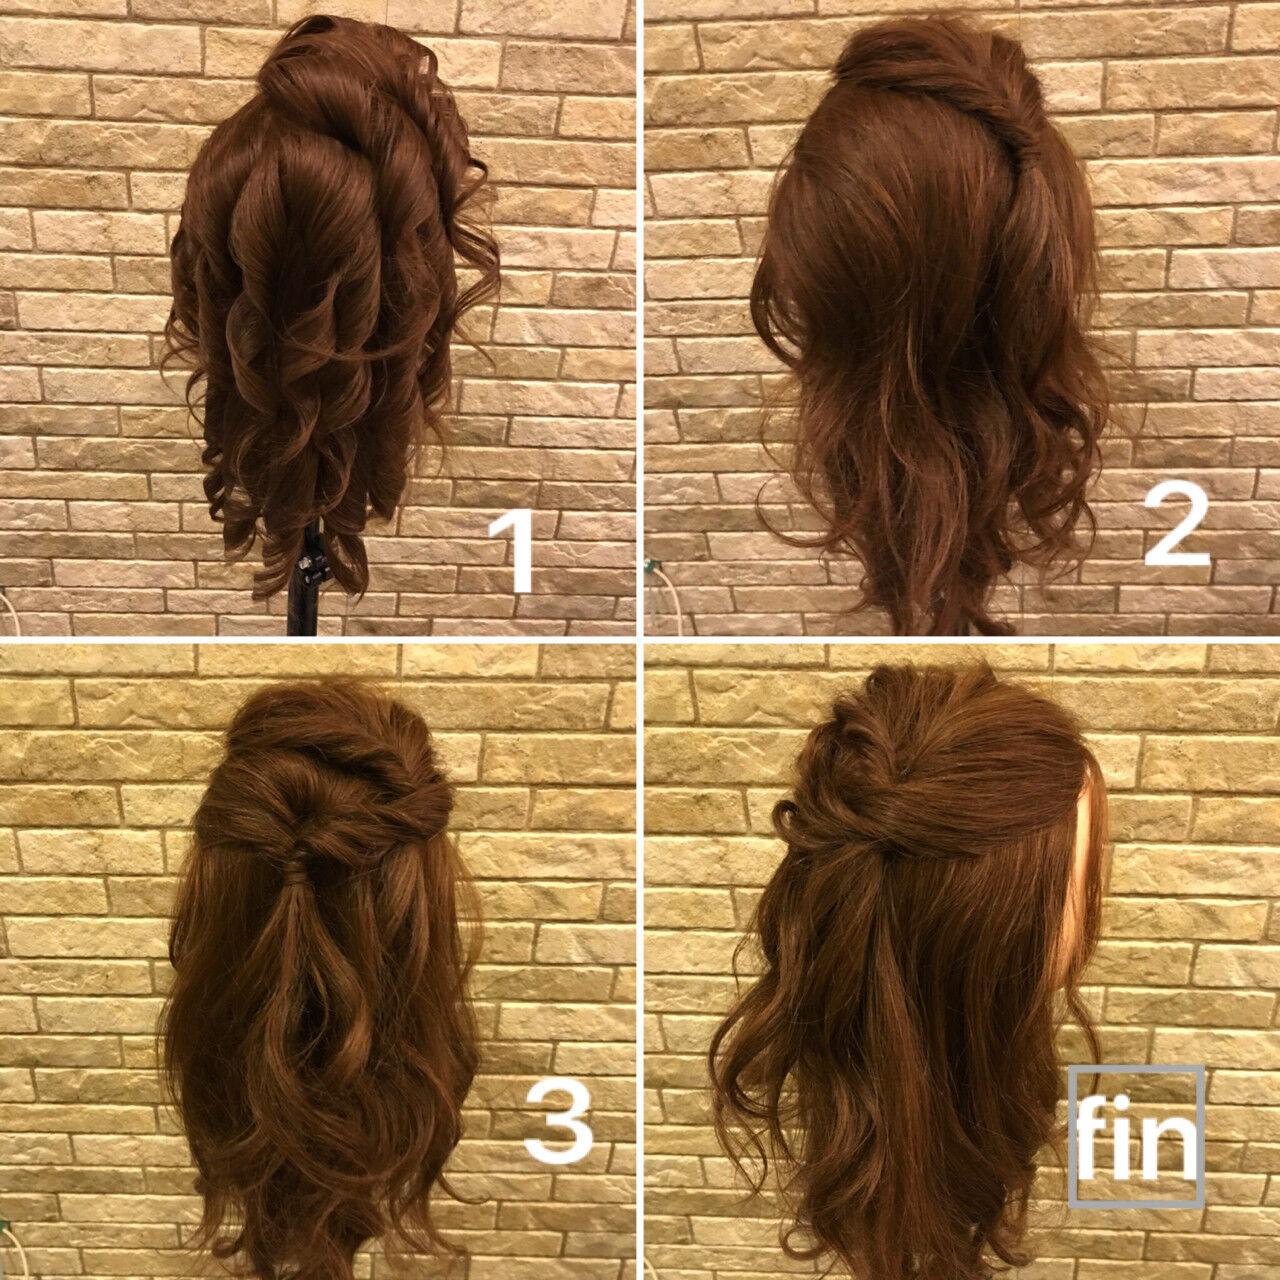 簡単ヘアアレンジ 結婚式 ヘアアレンジ ミディアムヘアスタイルや髪型の写真・画像